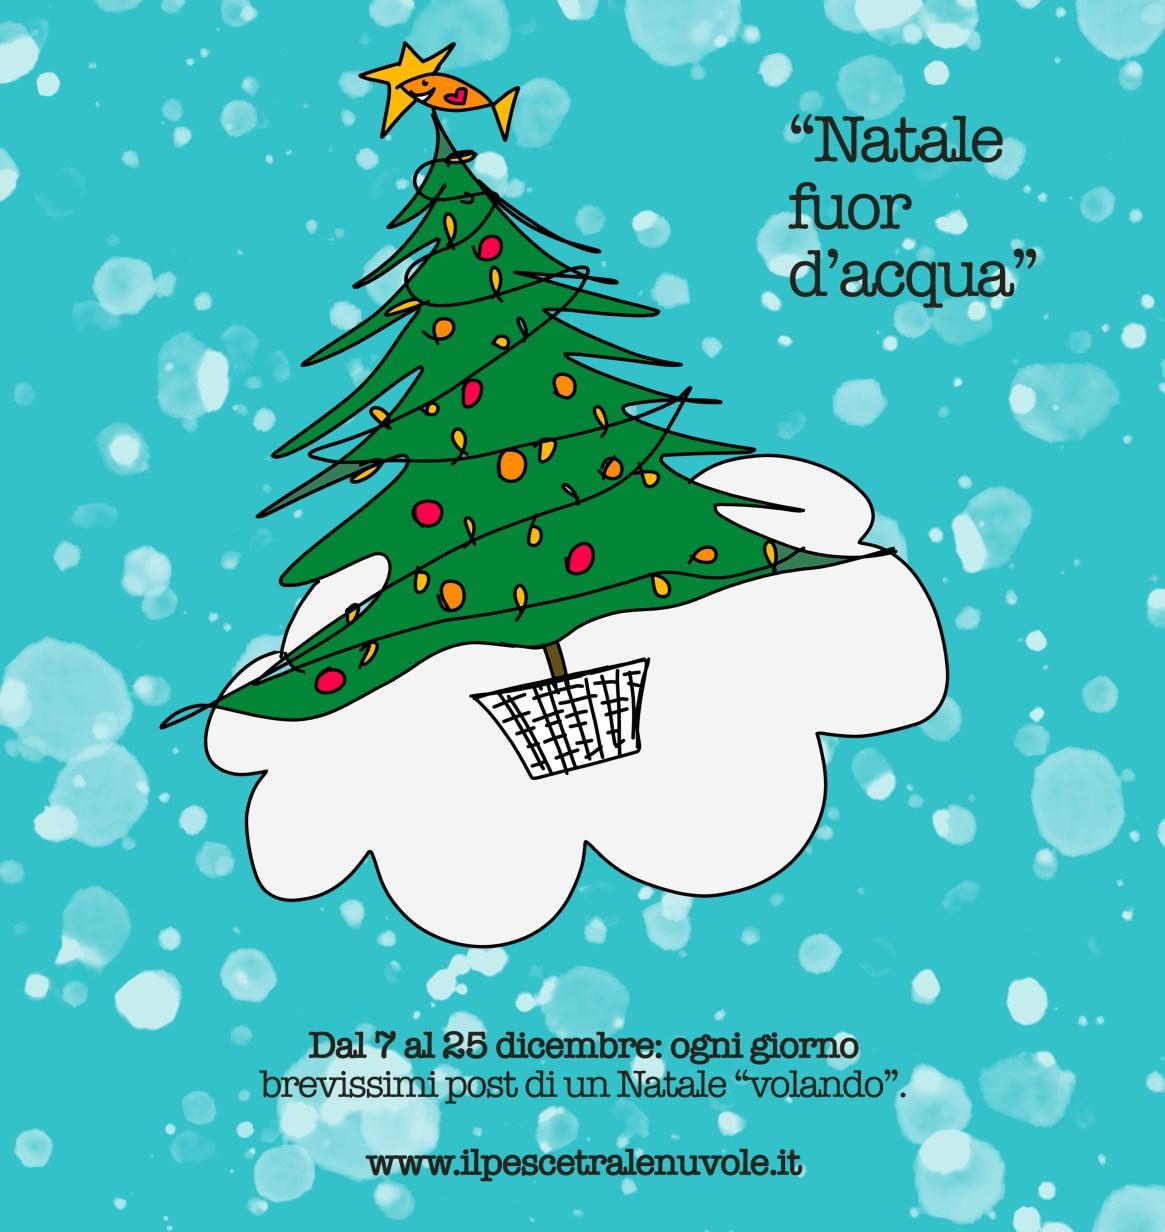 Natale-fuor-d-acqua_02